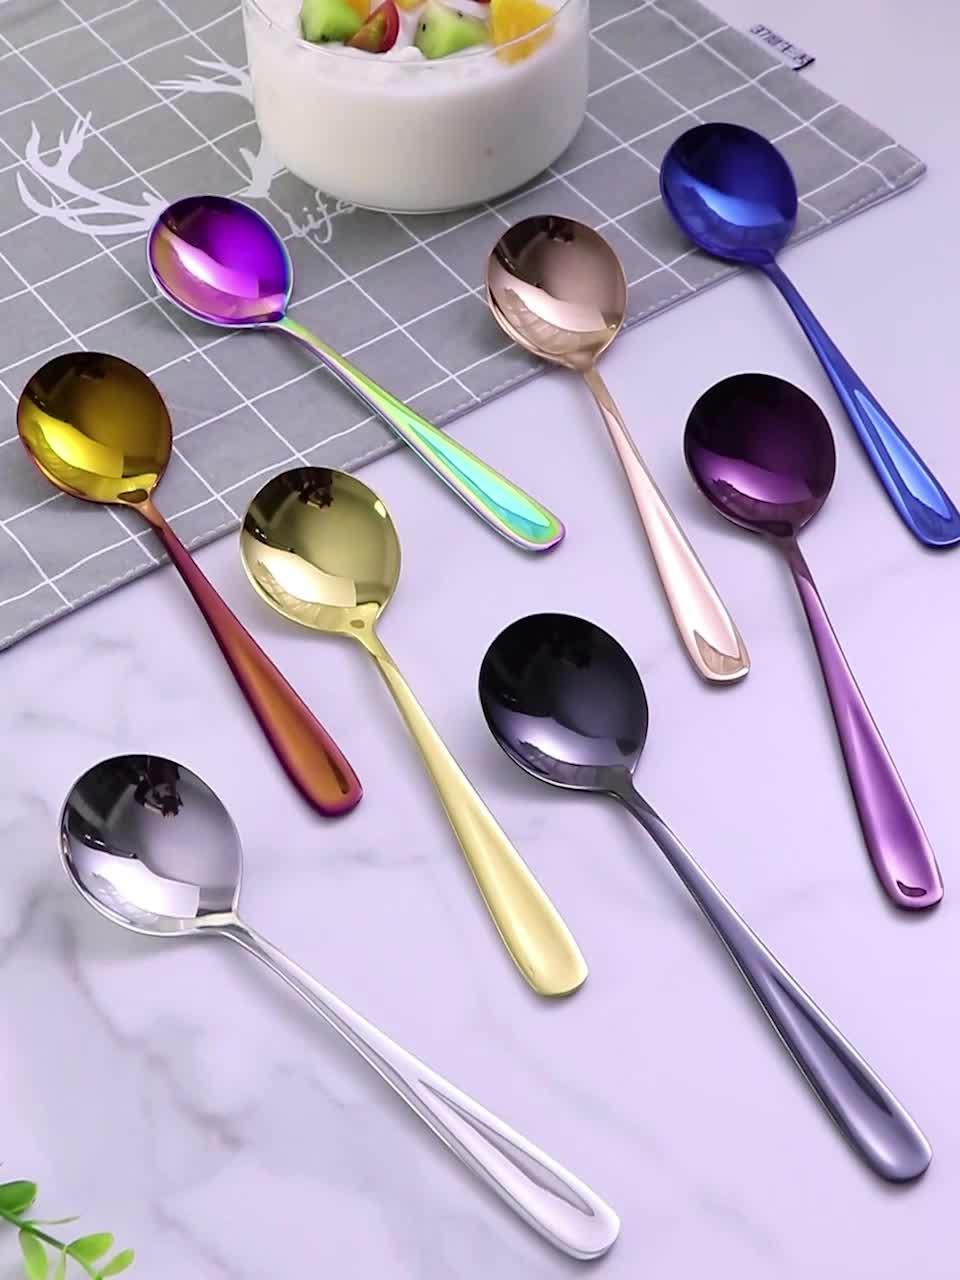 Wiederverwendbare PVD titan metall edelstahl goldene eis honig dessert tee kaffee salat runde löffel für kinder